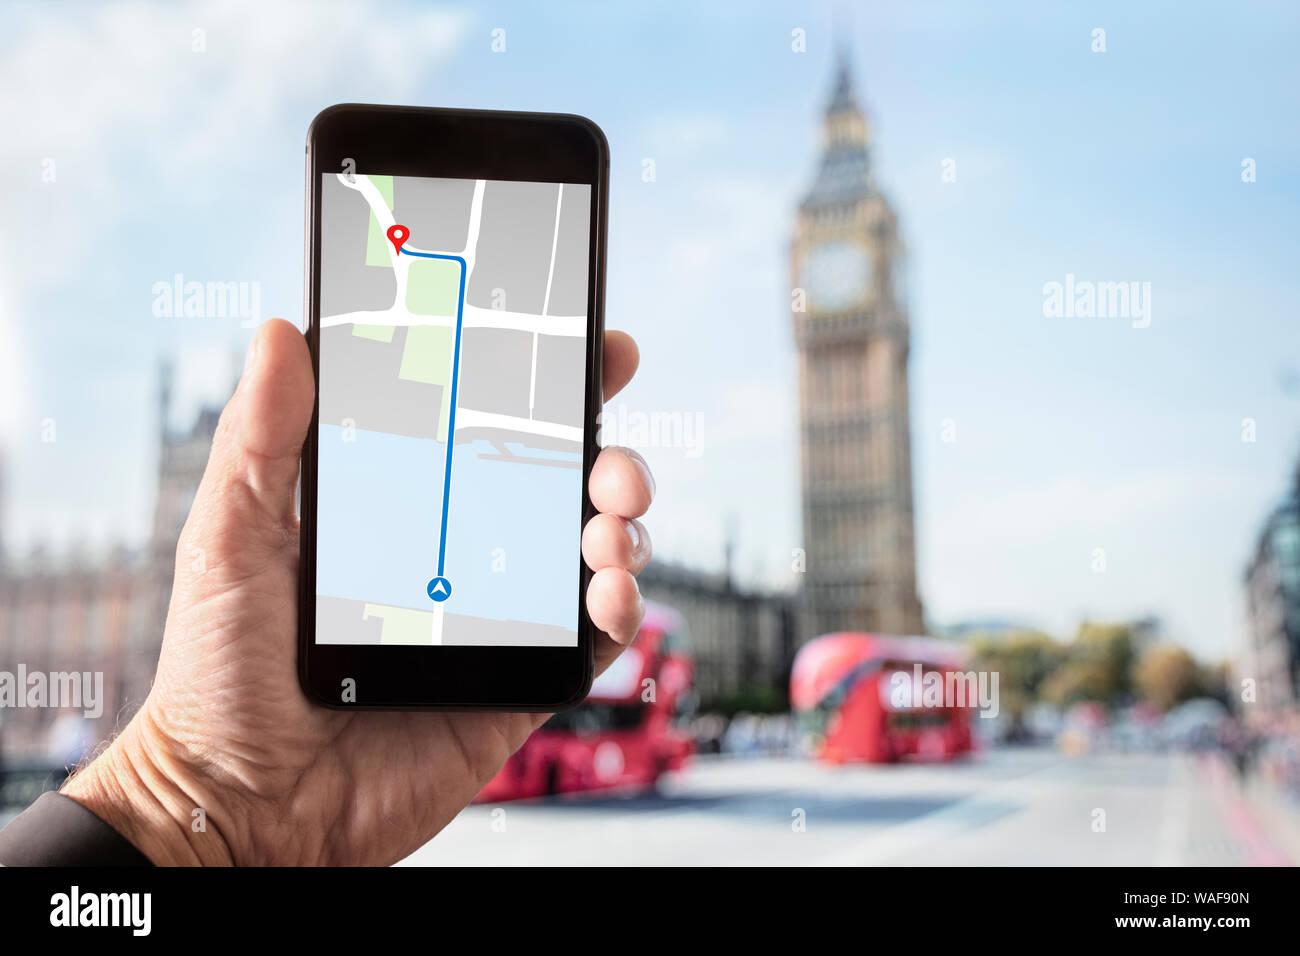 Mano sujetando con el mapa en la pantalla del smartphone en Londres frente al Big Ben y las Casas del Parlamento de Westminster Bridge Foto de stock